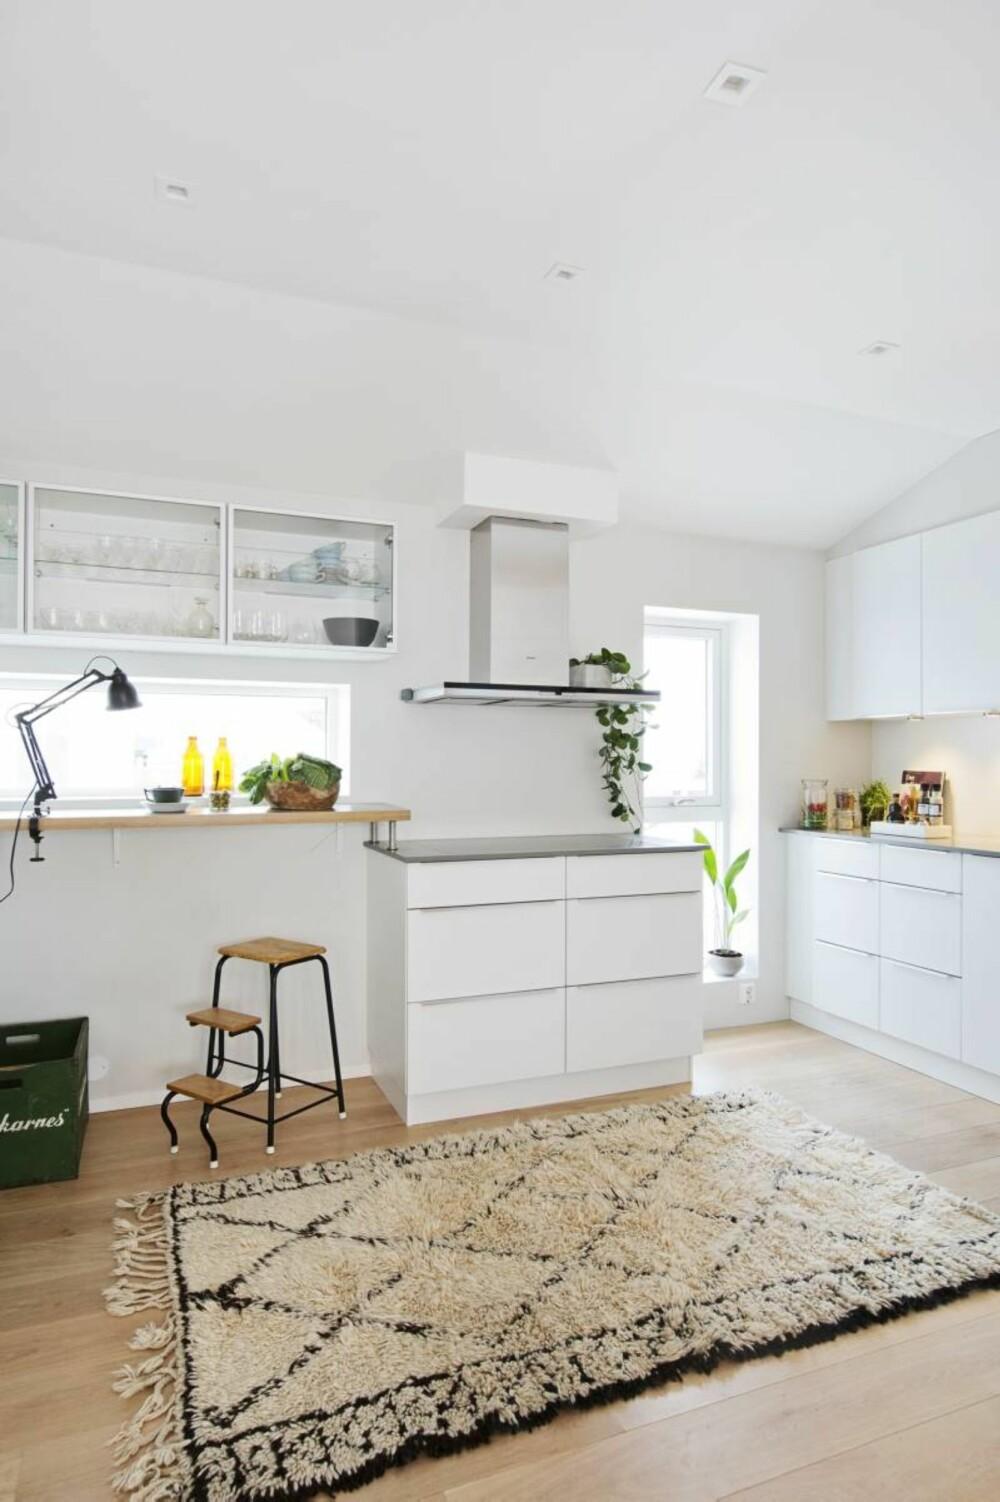 På bar. Kjøkkenet fra Kvik har godt med benkeplass og en frokostbar for travle dager. Det er tegnet inn et smalt vindu ved baren. Trappestolen er et loppefunn og berberteppet er fra Zanz i Lillestrøm.